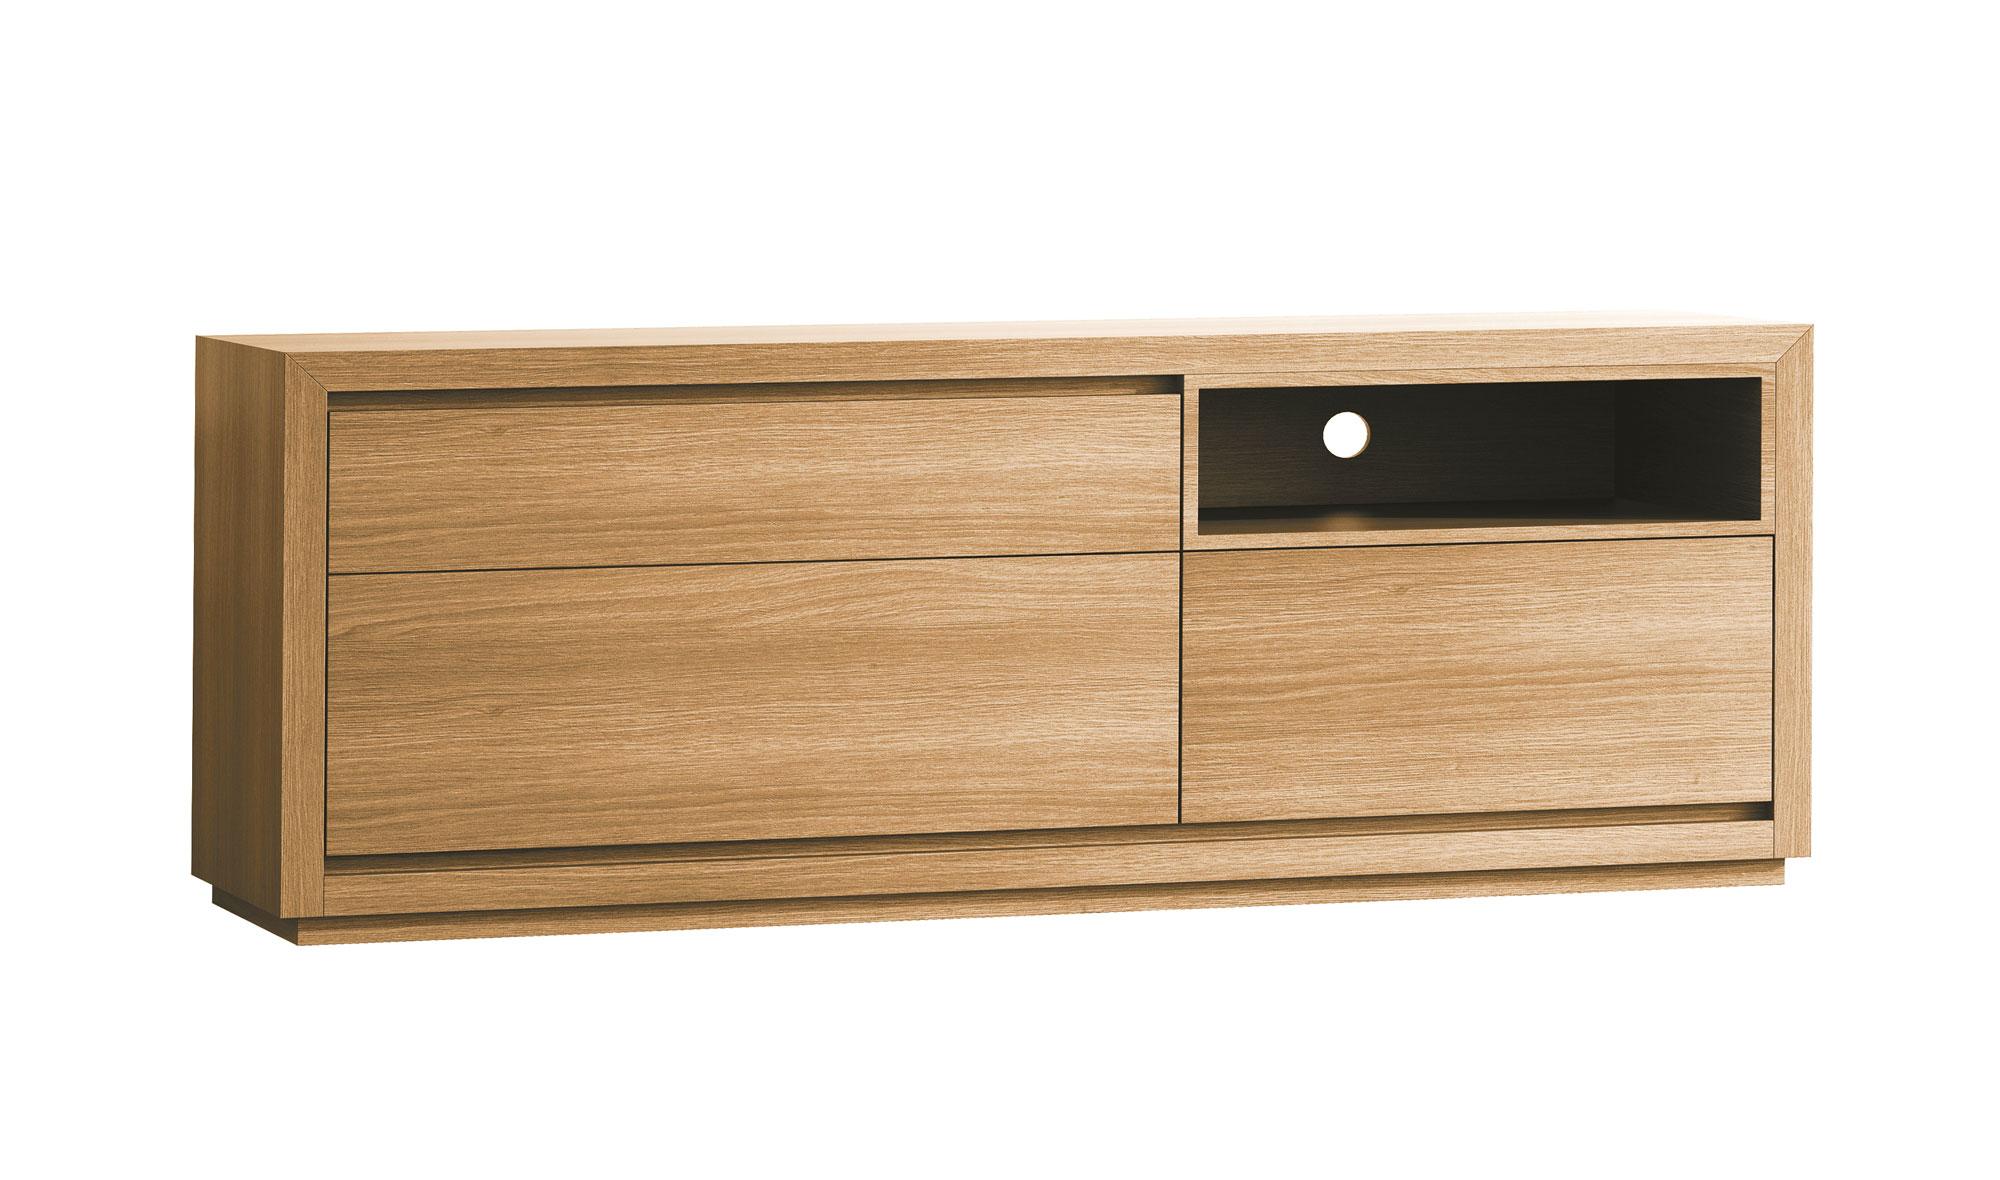 Mueble tv nordico kele de lujo en tu for Tu mueble catalogo